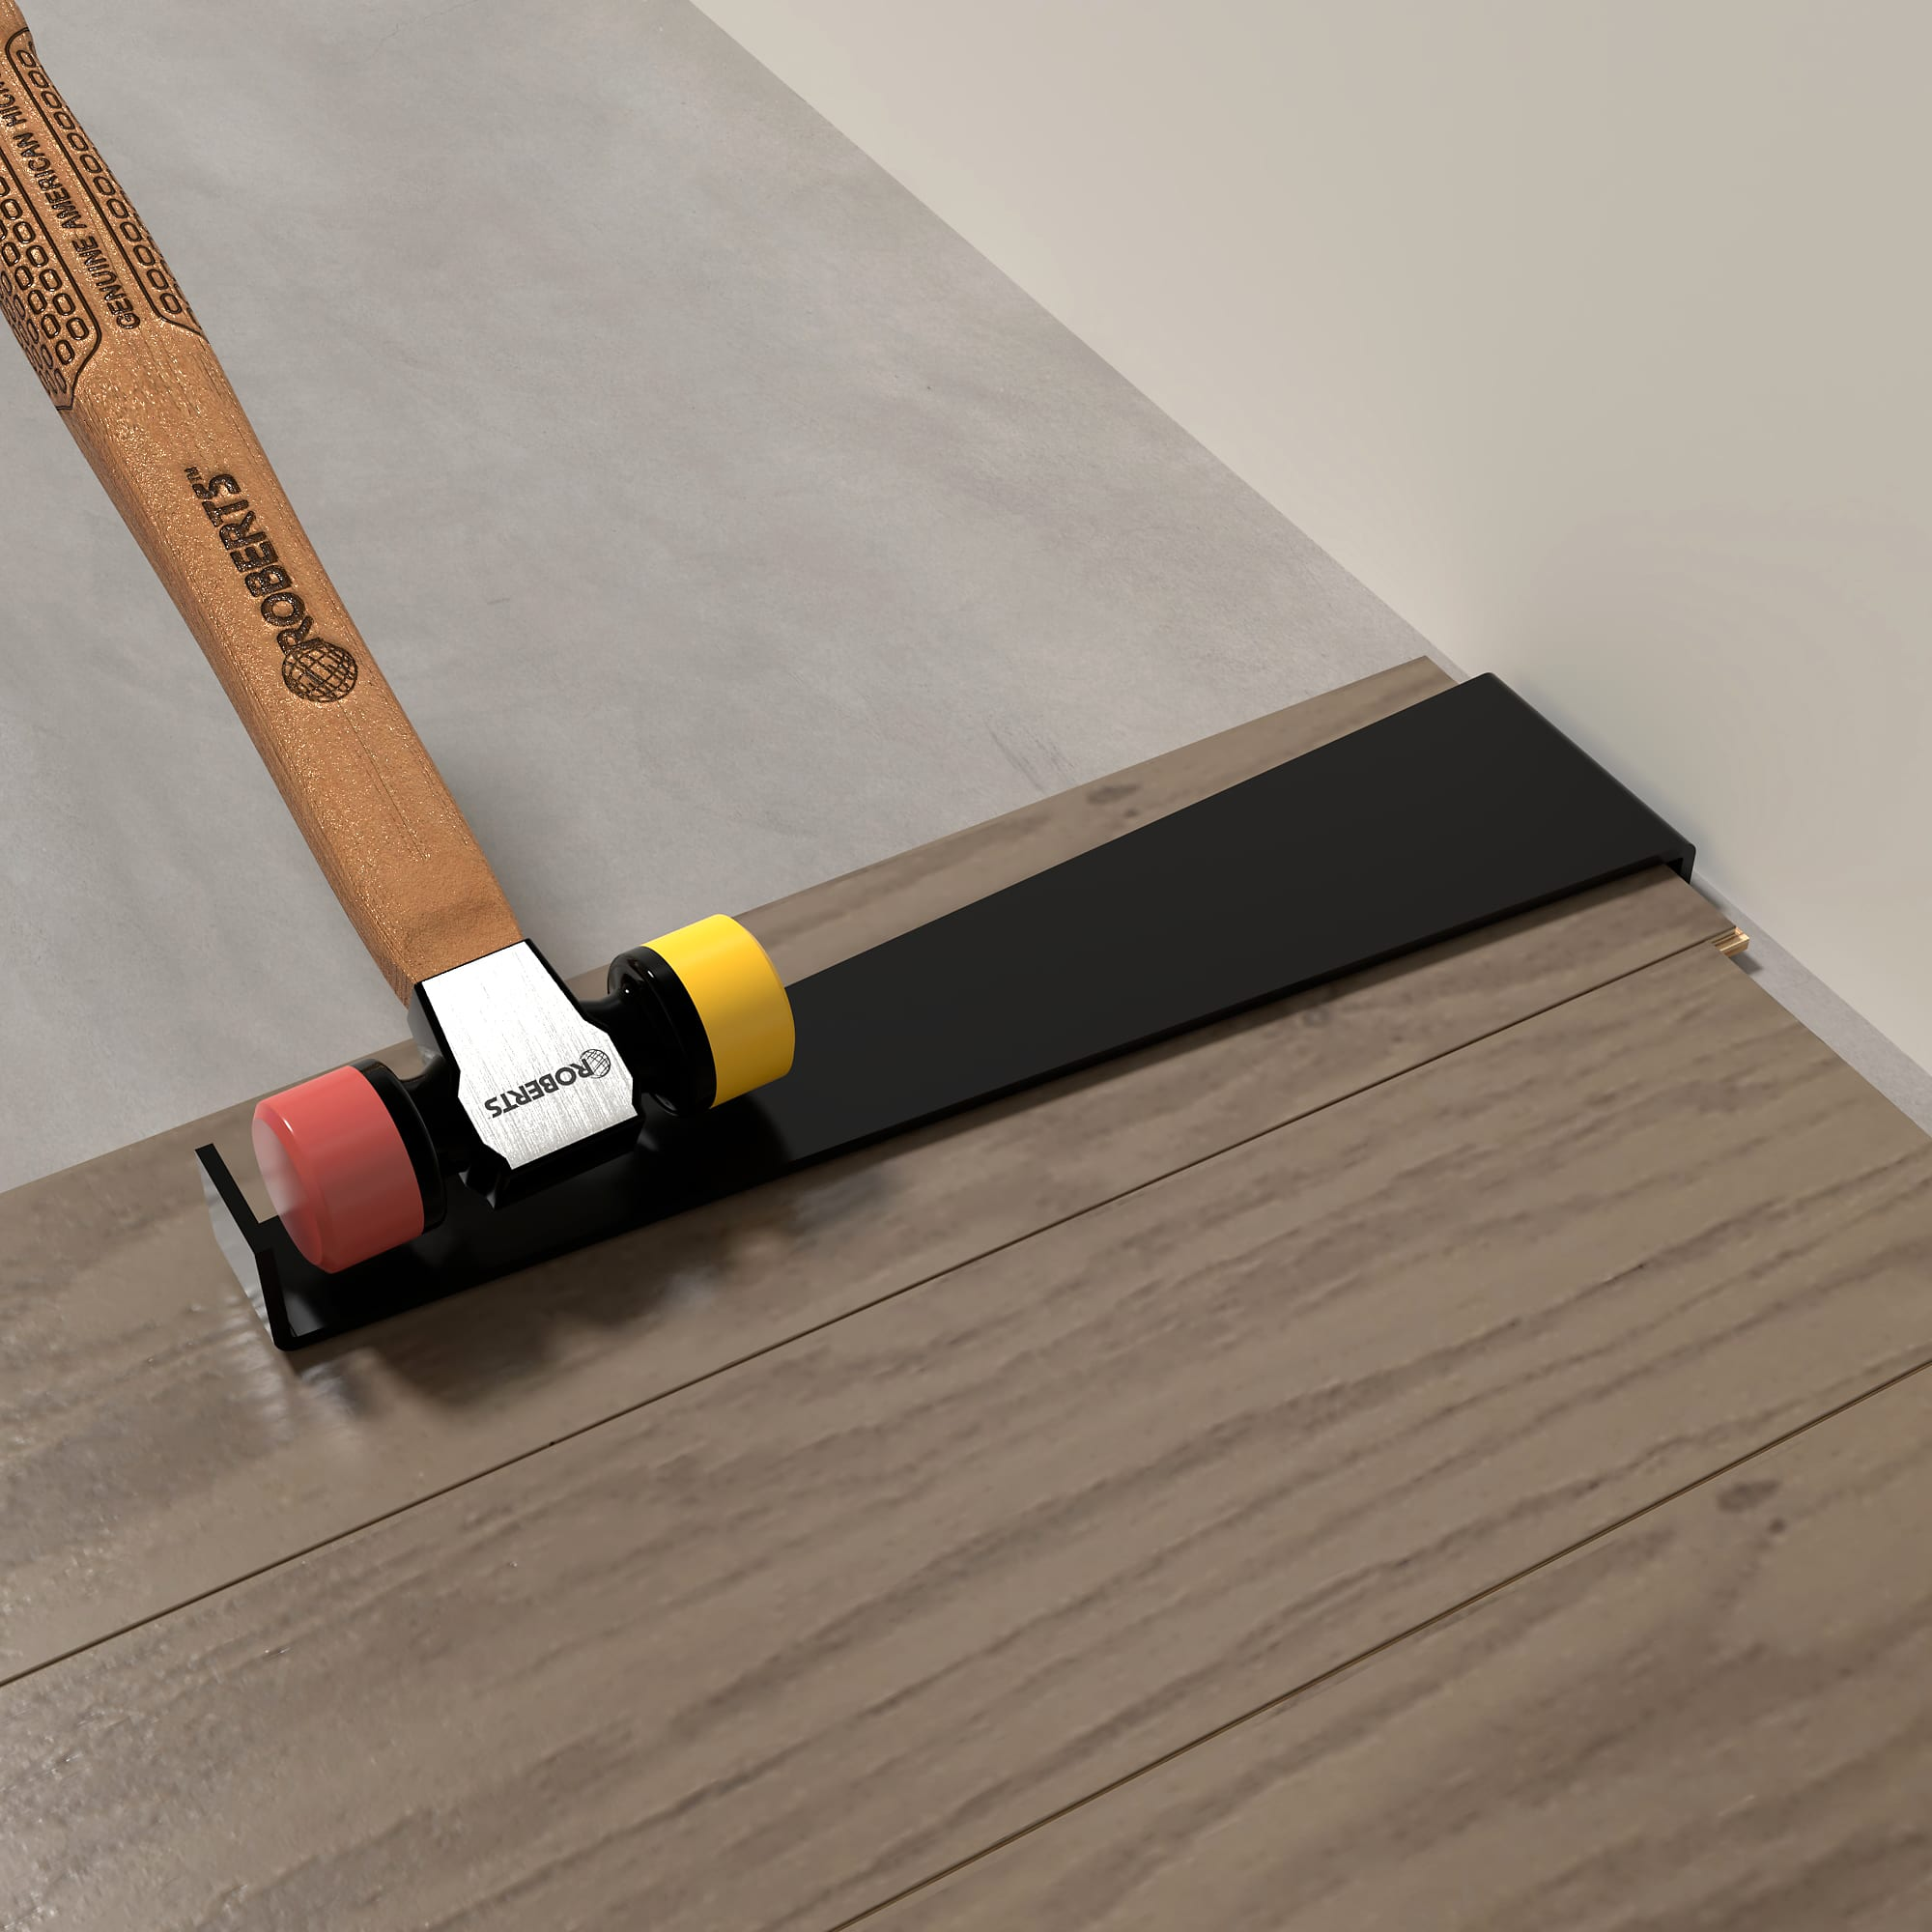 Roberts Pro Flooring Installation Kit, Laminate Flooring Installation Kit